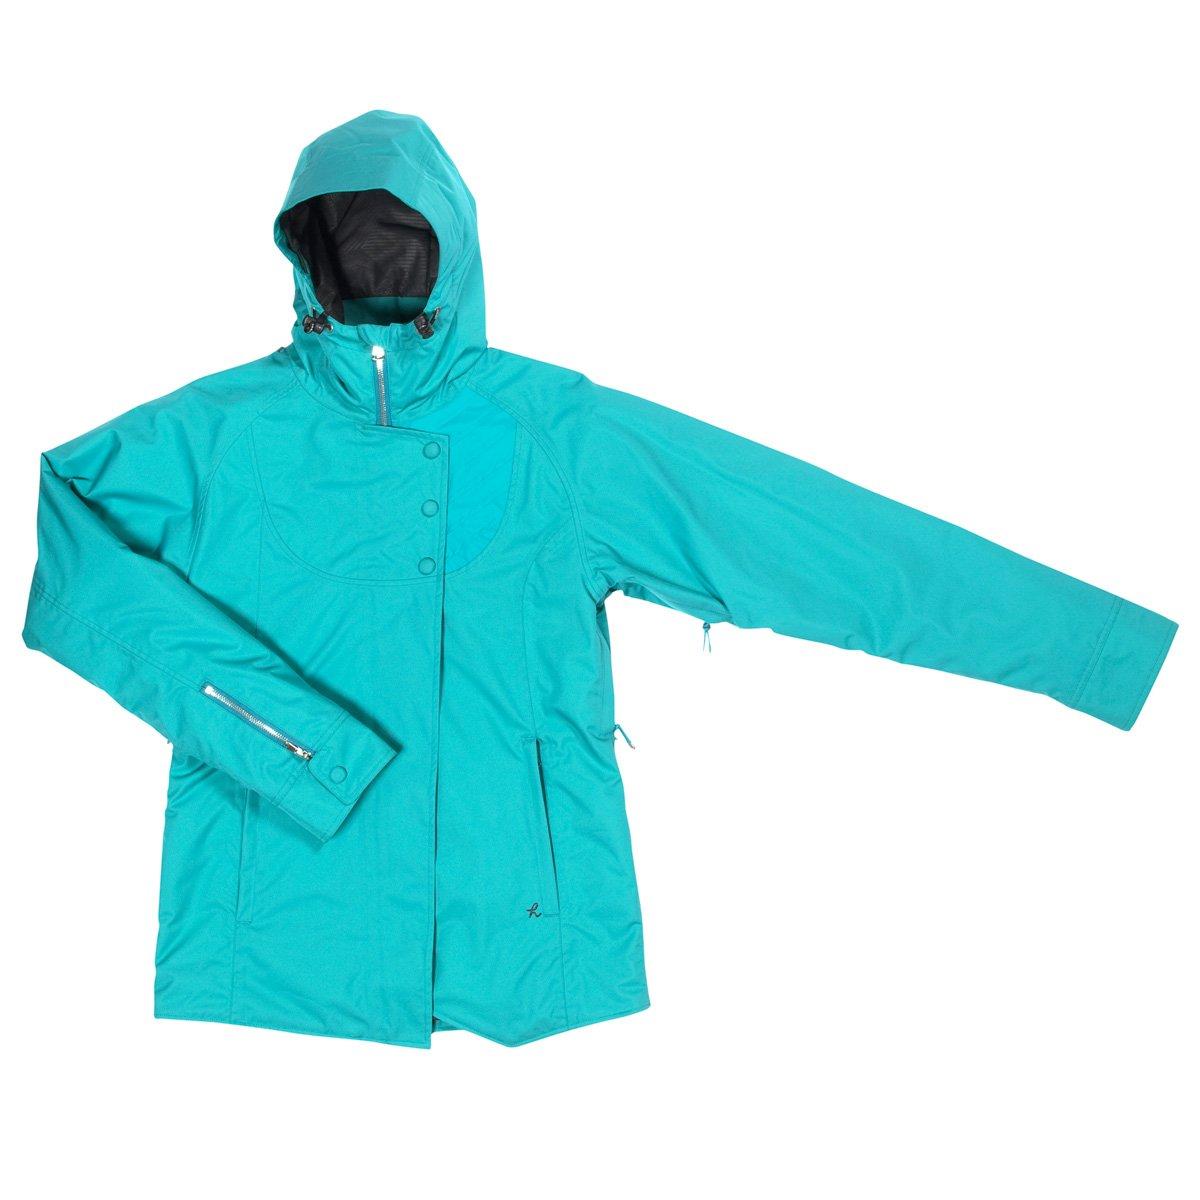 Damen Snowboard Jacke Holden Nico Jacket Women online kaufen